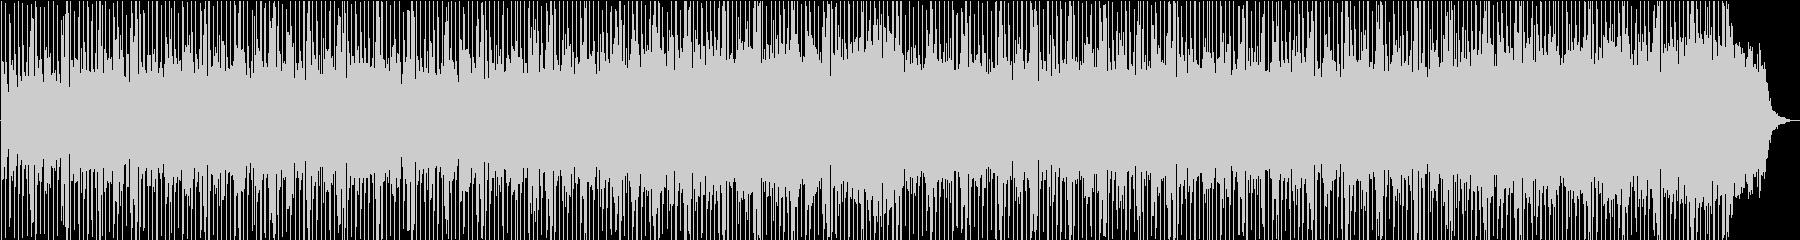 エキゾチックな音のモンドミュージックの未再生の波形